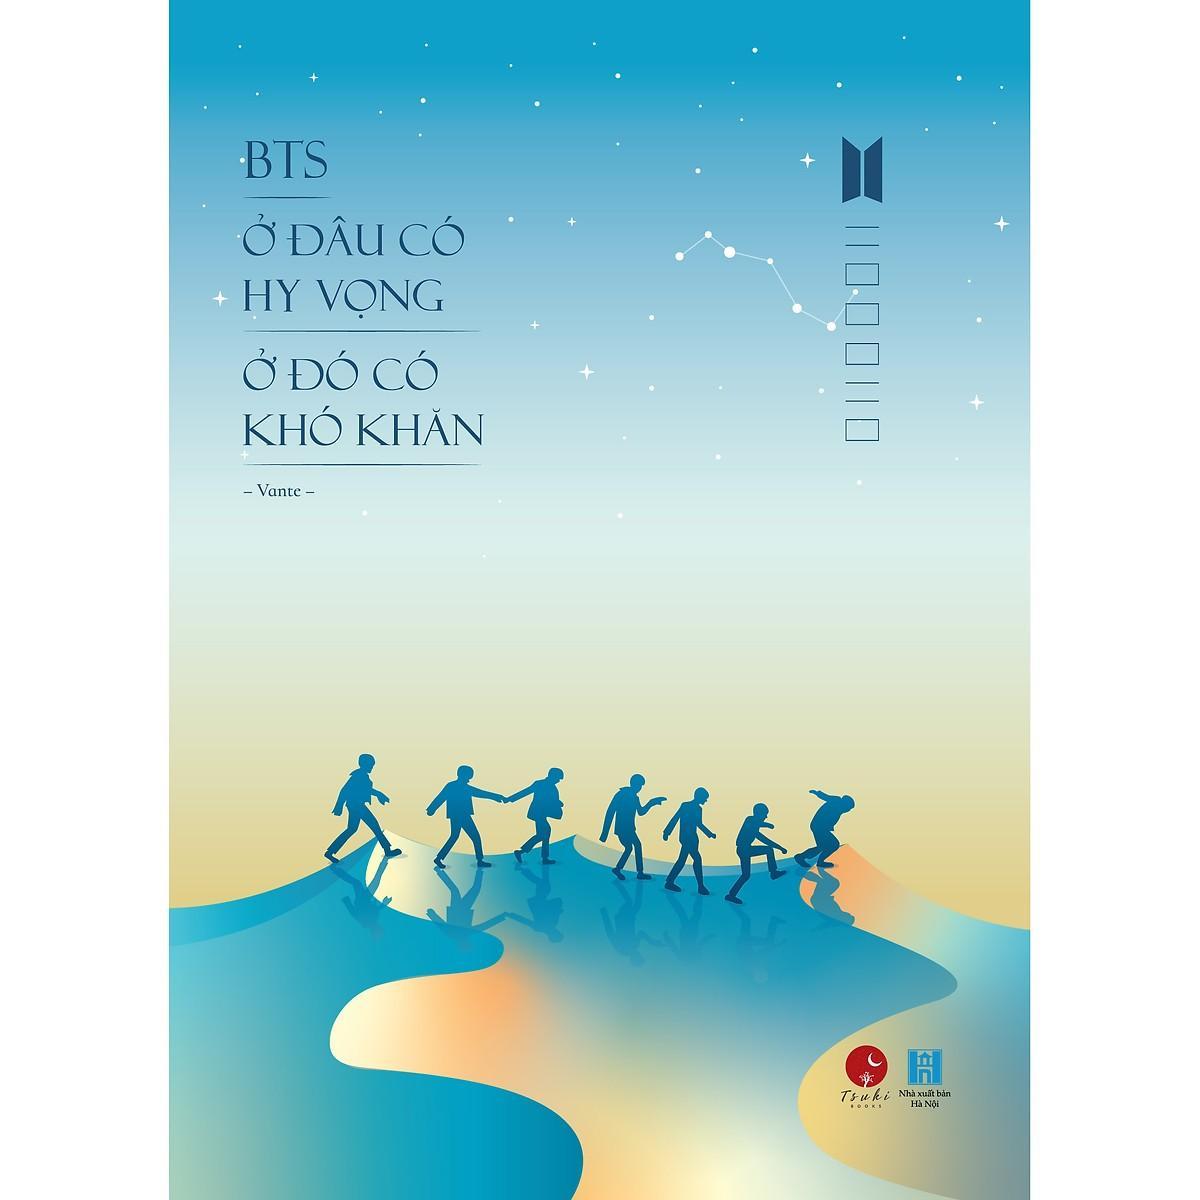 Mua [ Sách - Bản Đặc Biệt ] BTS - Ở Đâu Có Hy Vọng Ở Đó Có Khó Khăn (Tặng Kèm 2 Card Plastic Thành Viên & 1 Bookmark Hình Đặc Biệt)